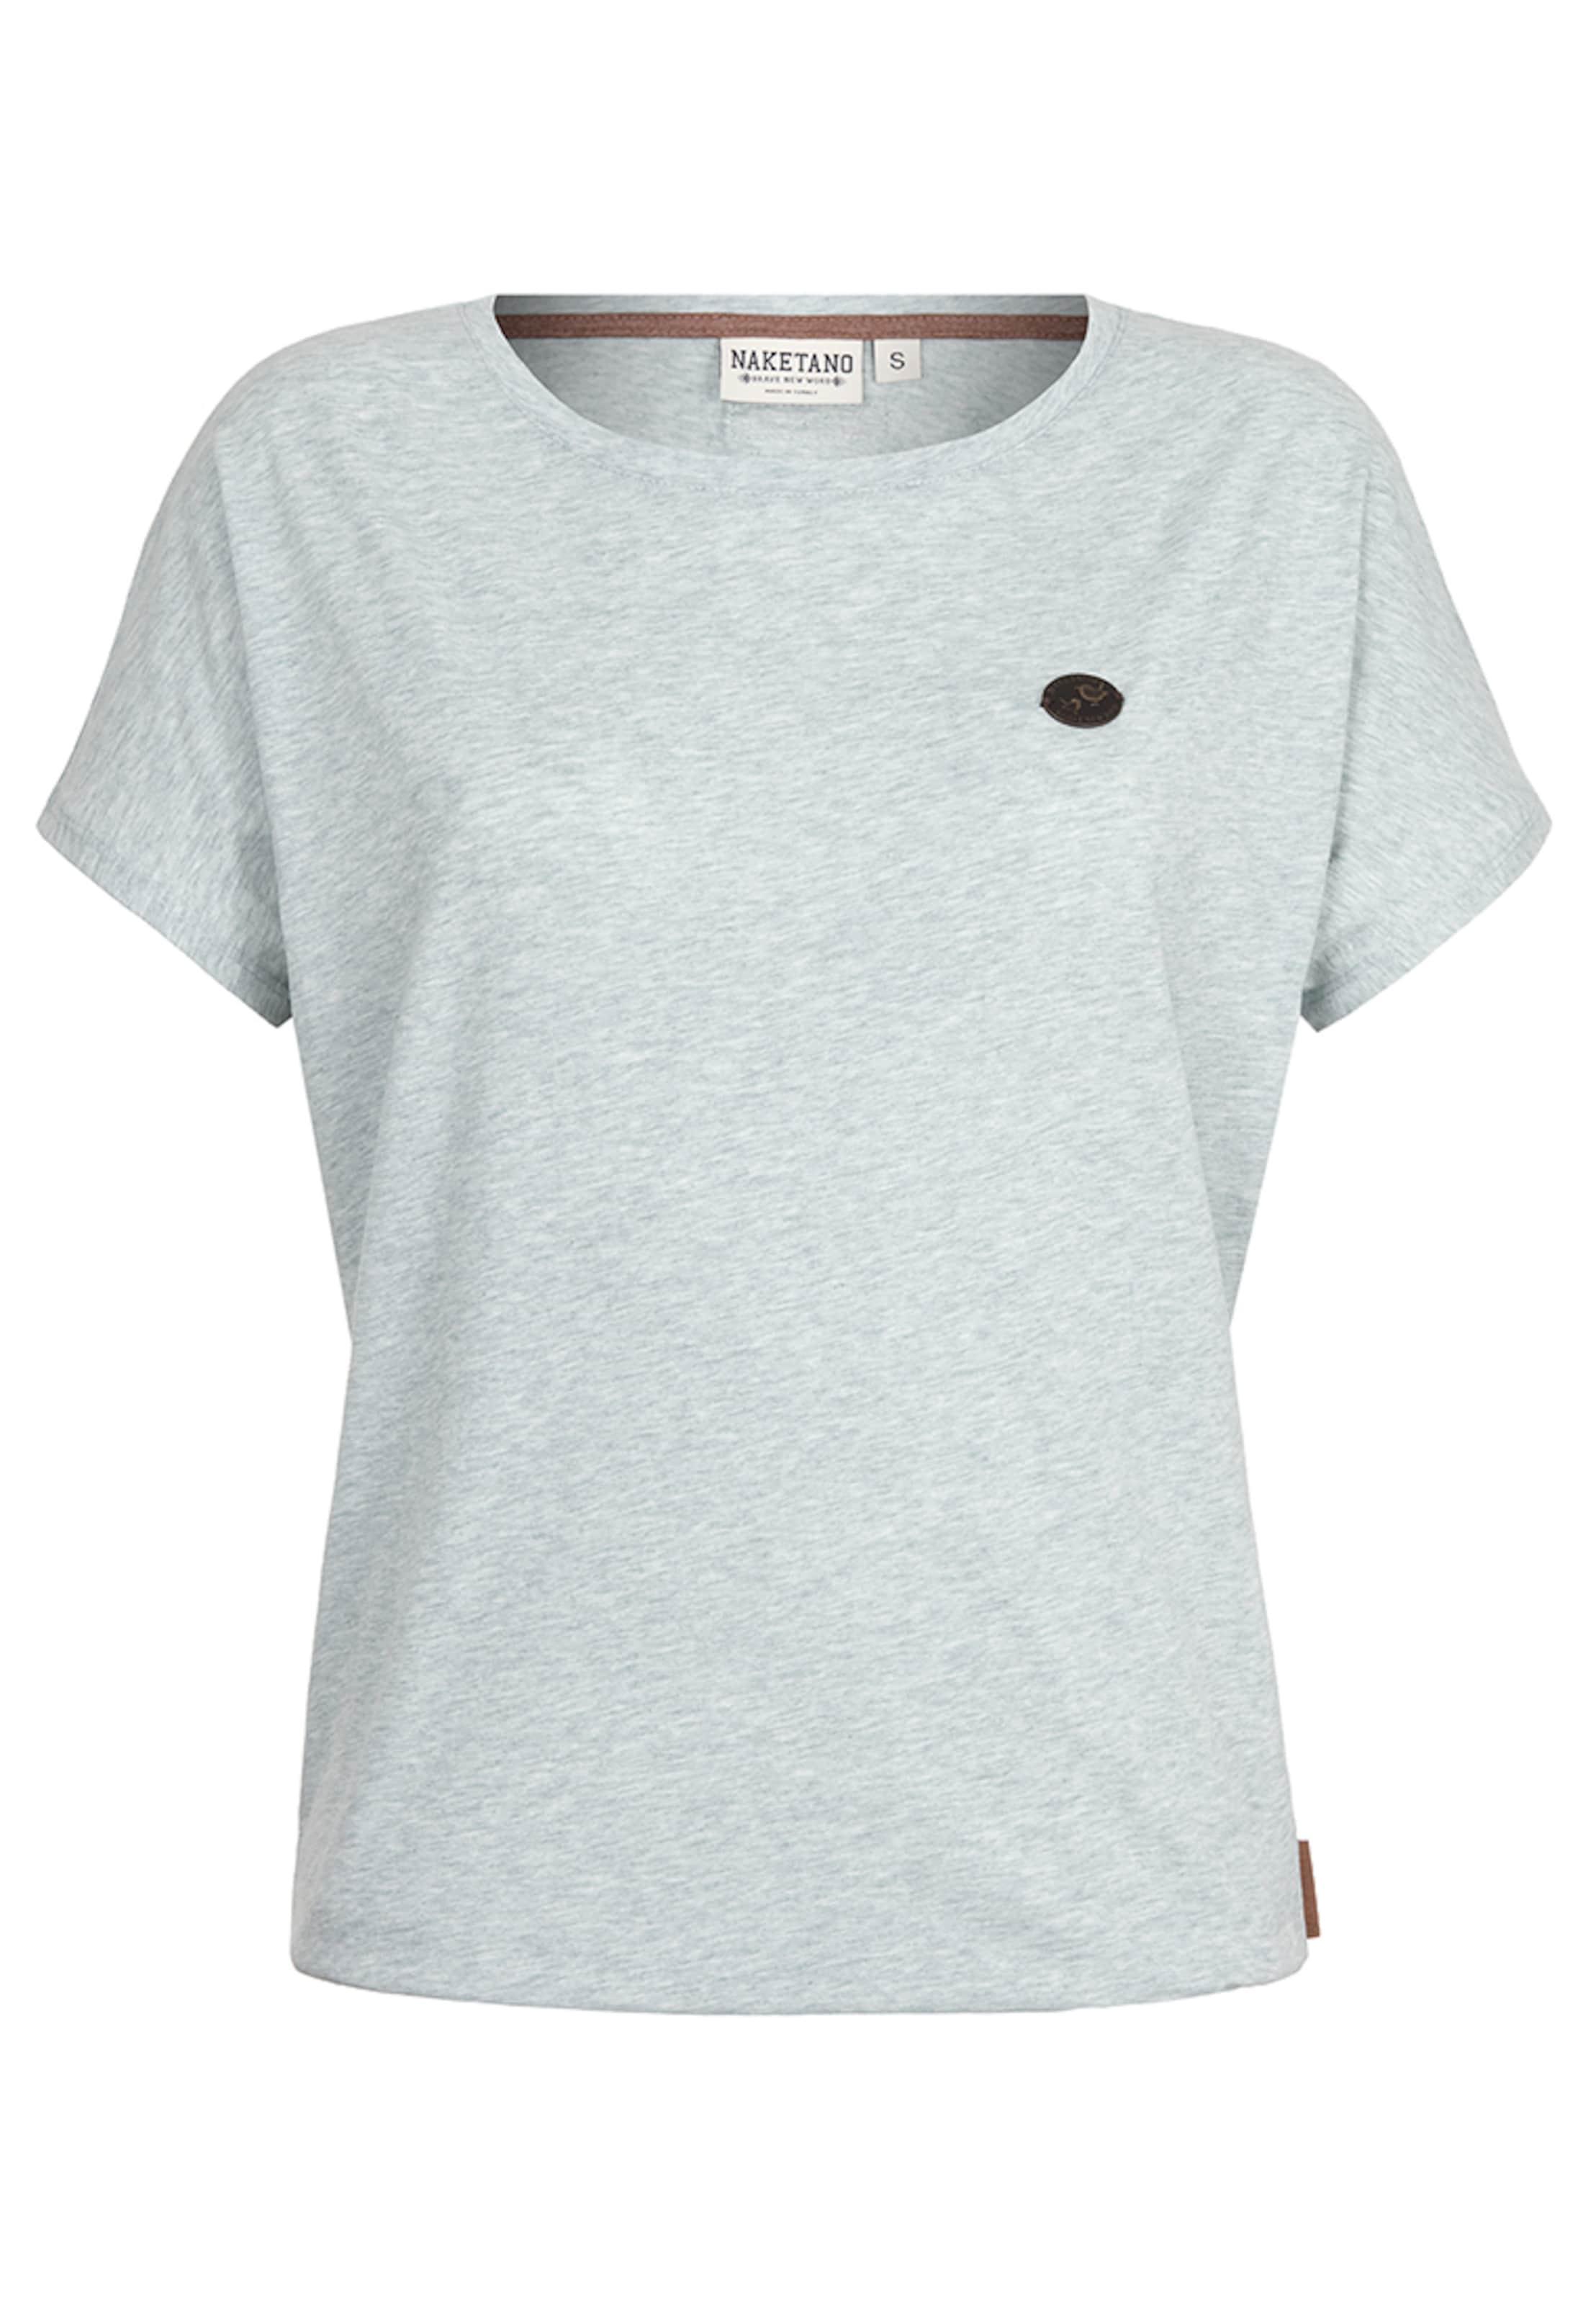 Neuester Rabatt naketano T-Shirt 'Schnella Baustella III' Verkauf Veröffentlichungstermine Geniue Händler Online orBFj51